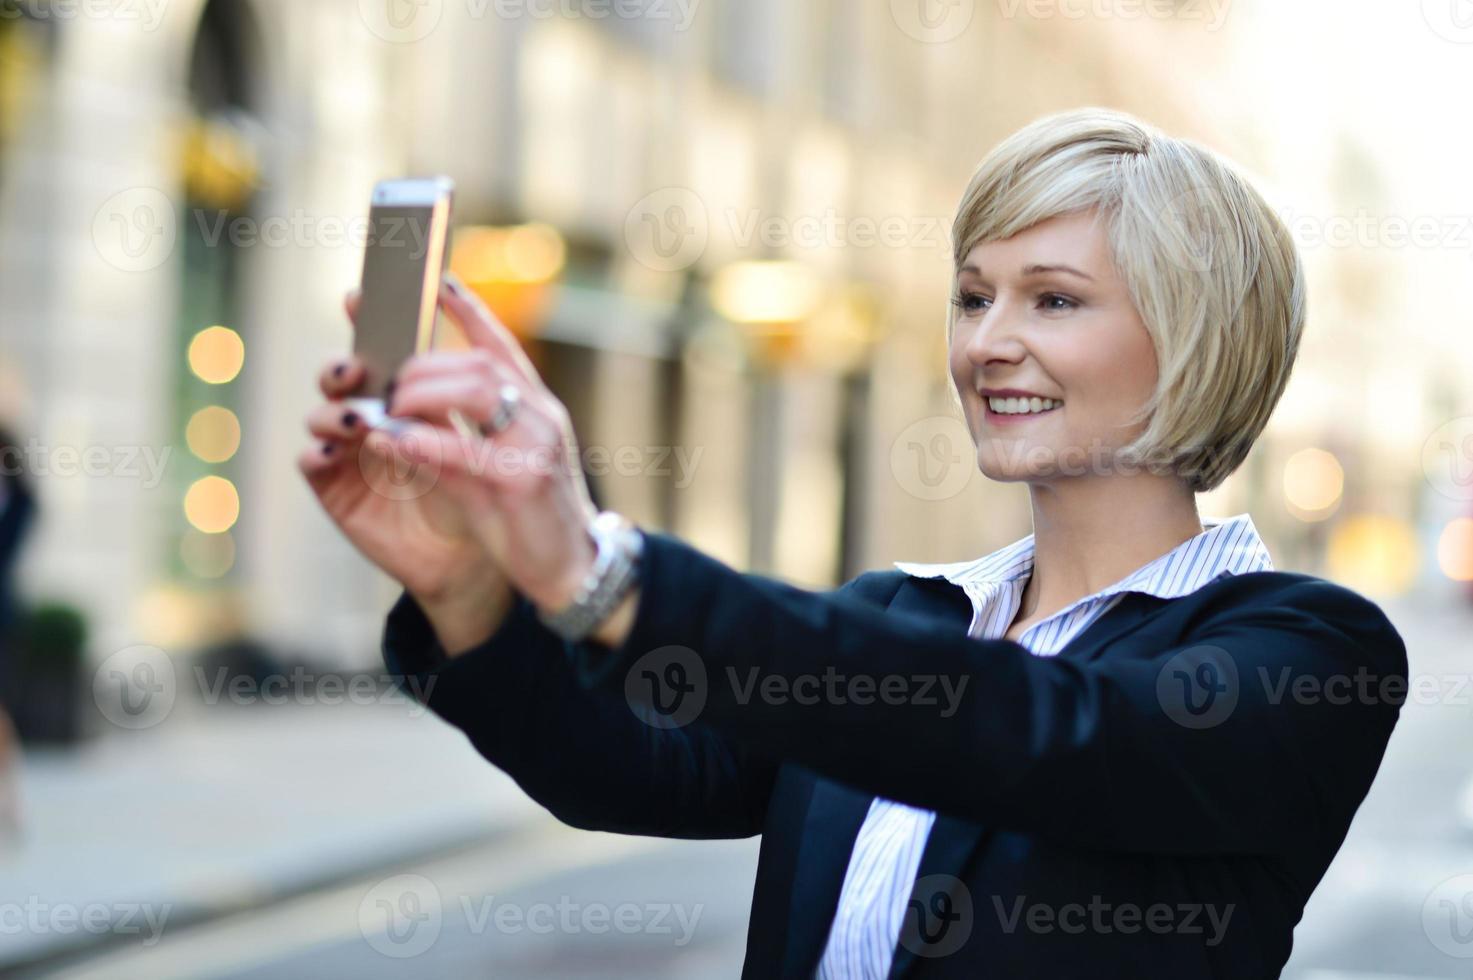 mooi poseren met een zelfopname foto